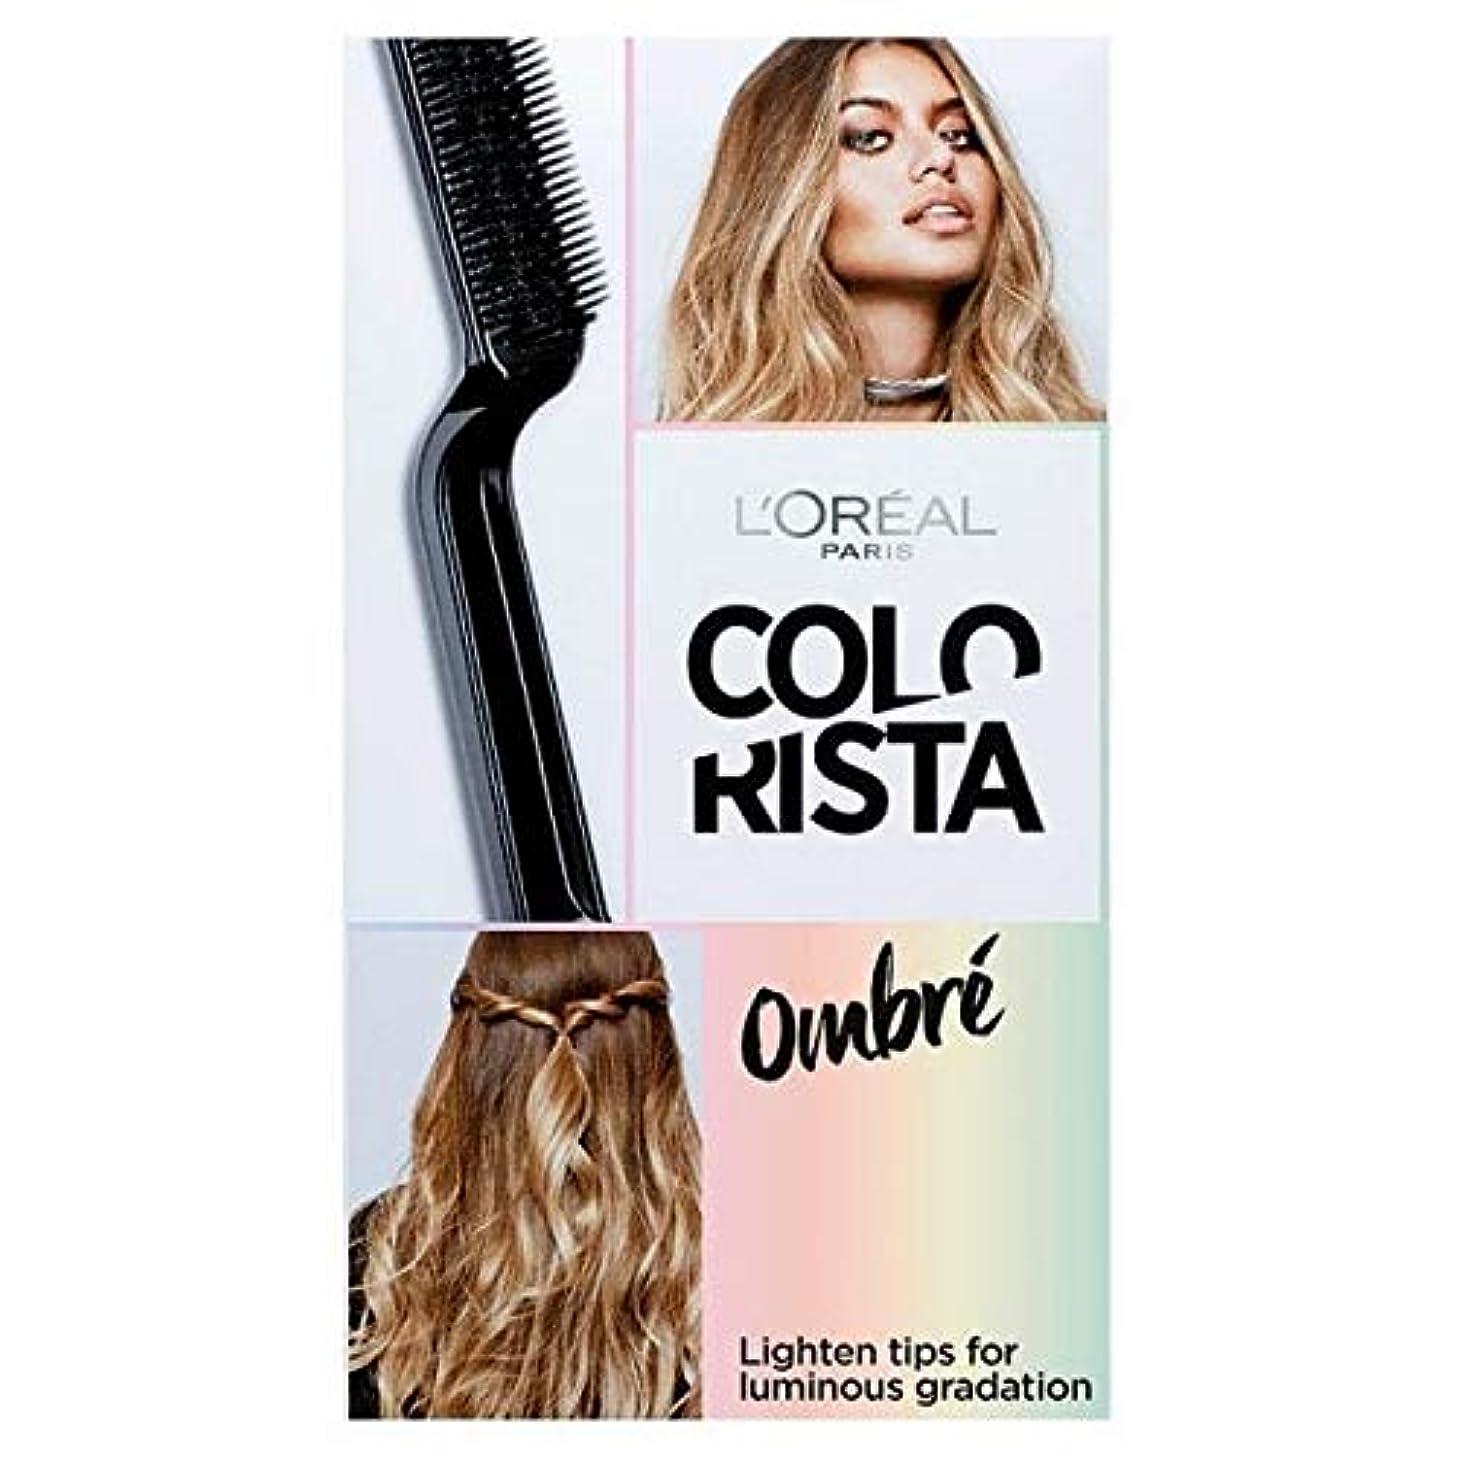 私たちコンパス何故なの[Colorista] Colorista効果オンブル髪 - Colorista Effect Ombre Hair [並行輸入品]